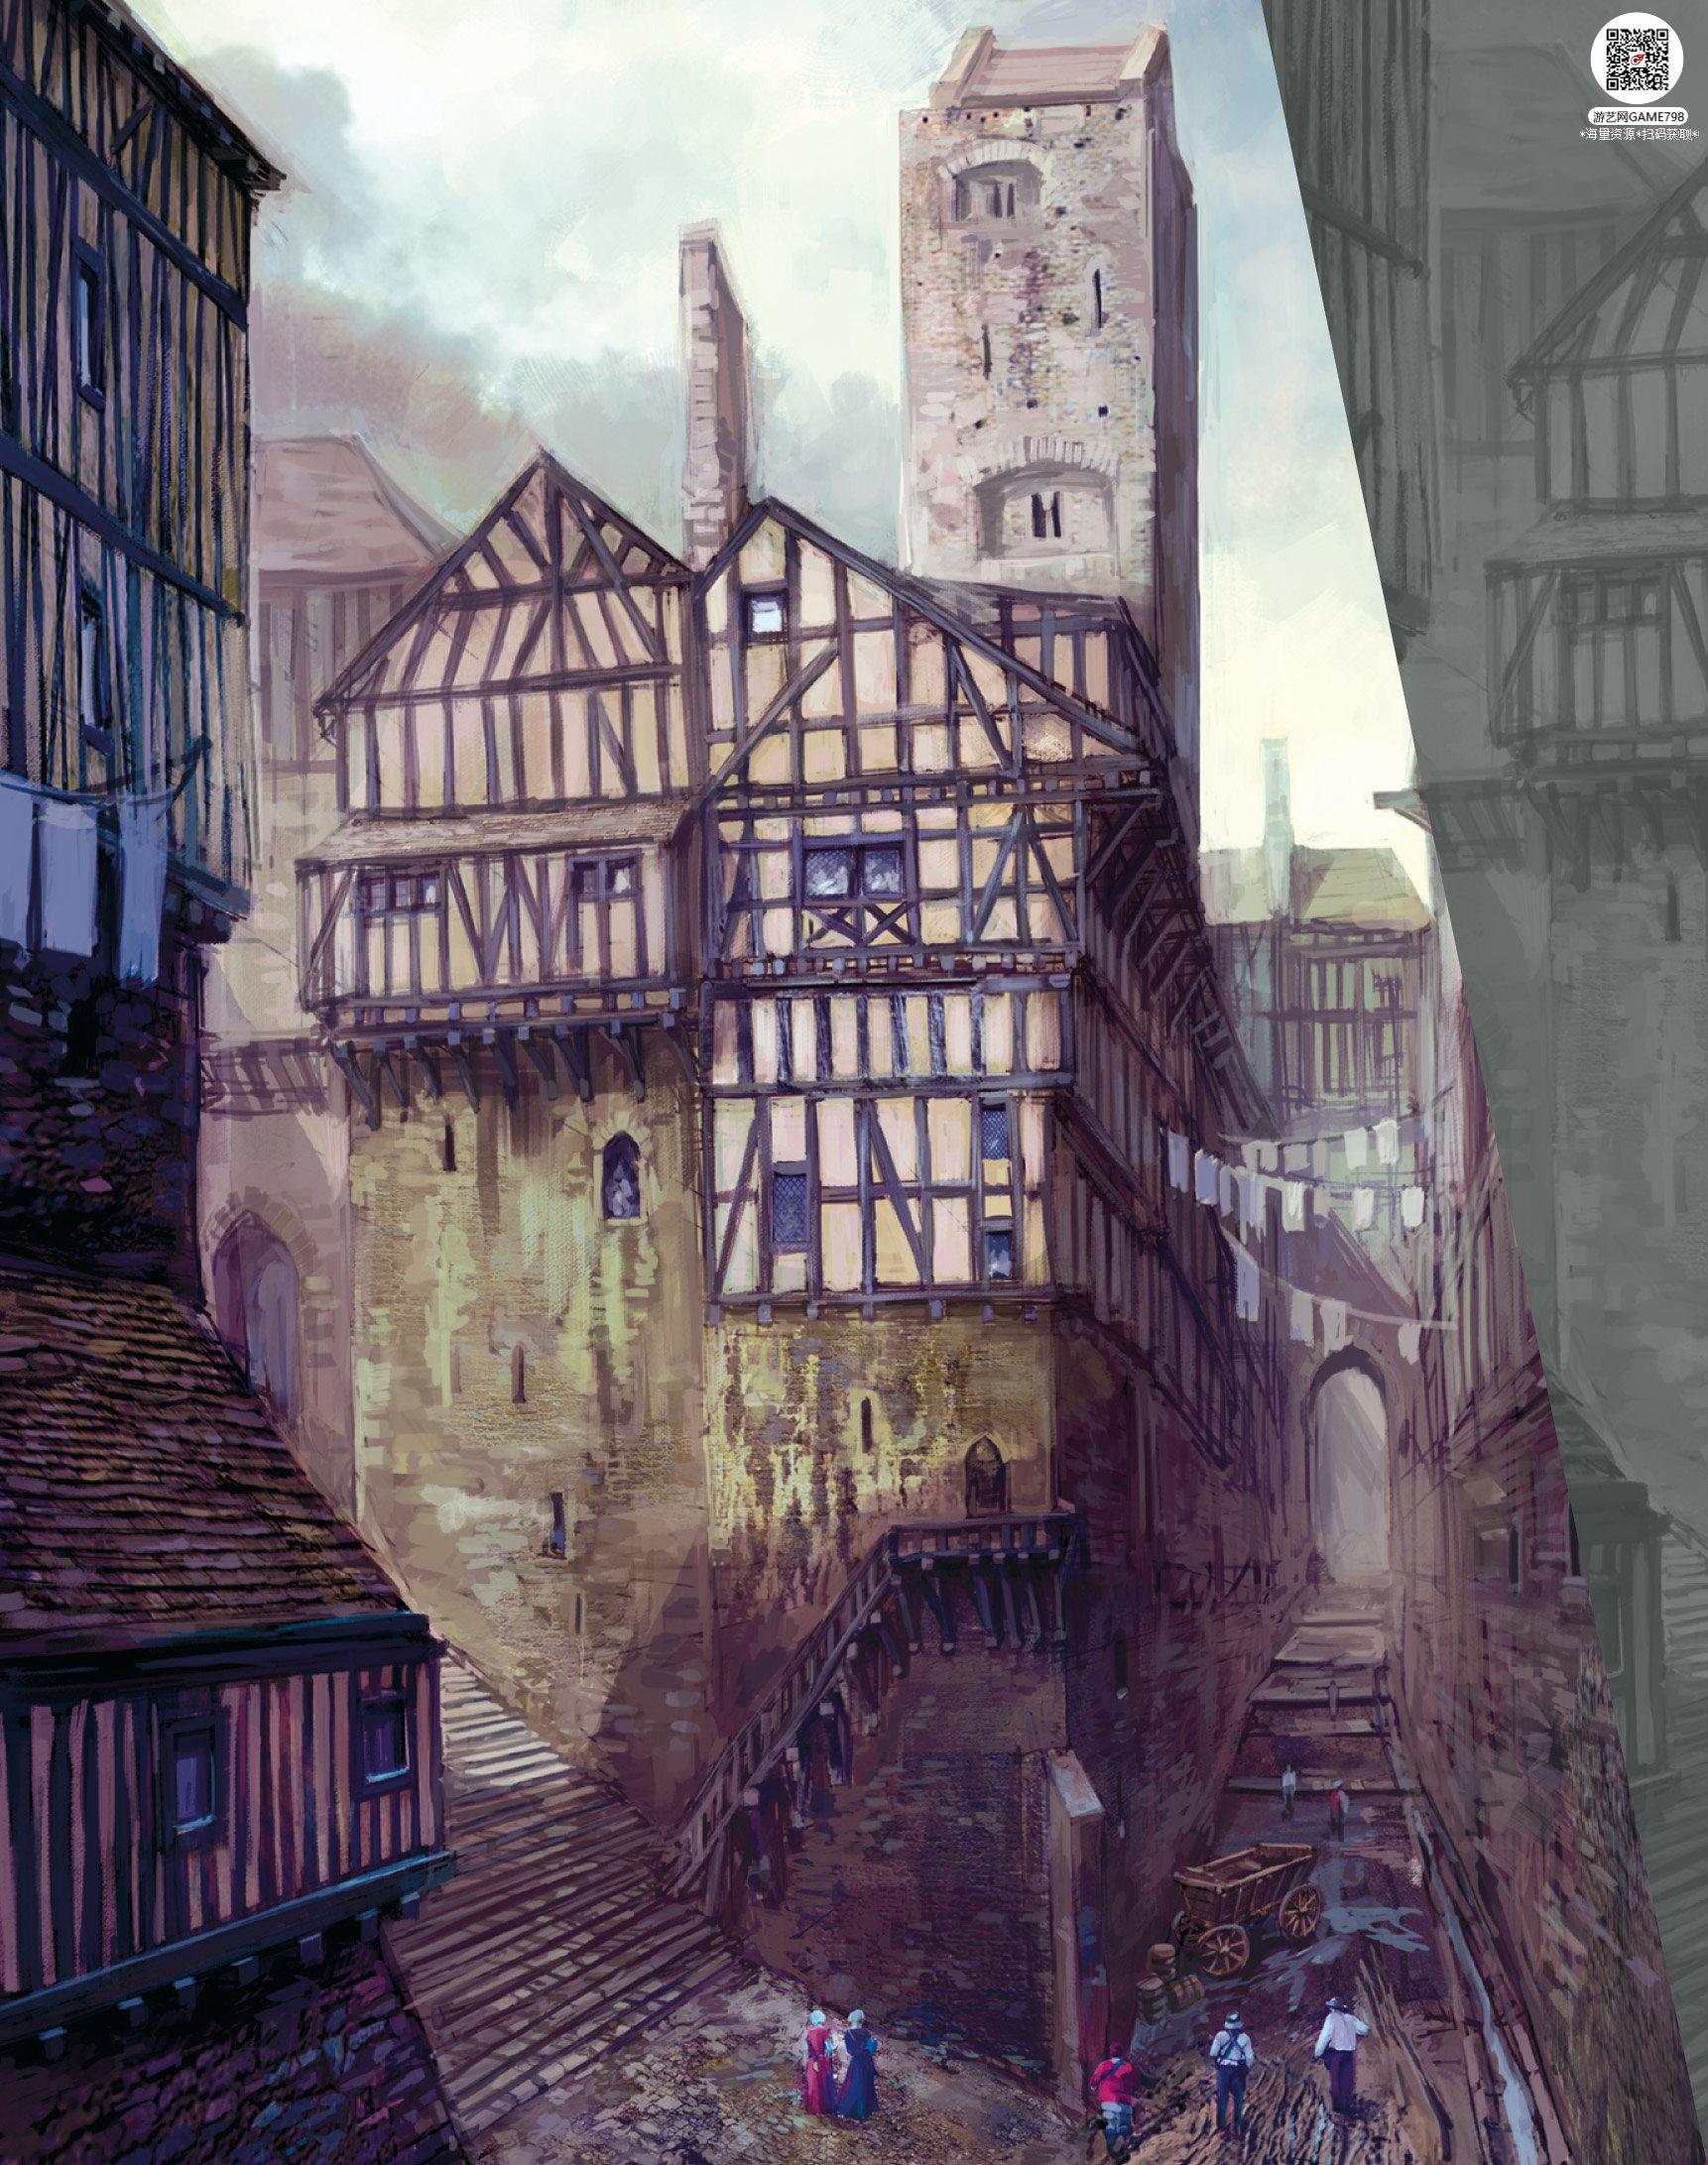 033_关注游艺网公众号获海量资源_次世代游戏巫师3(Witcher)官方原画概念设定.jpg